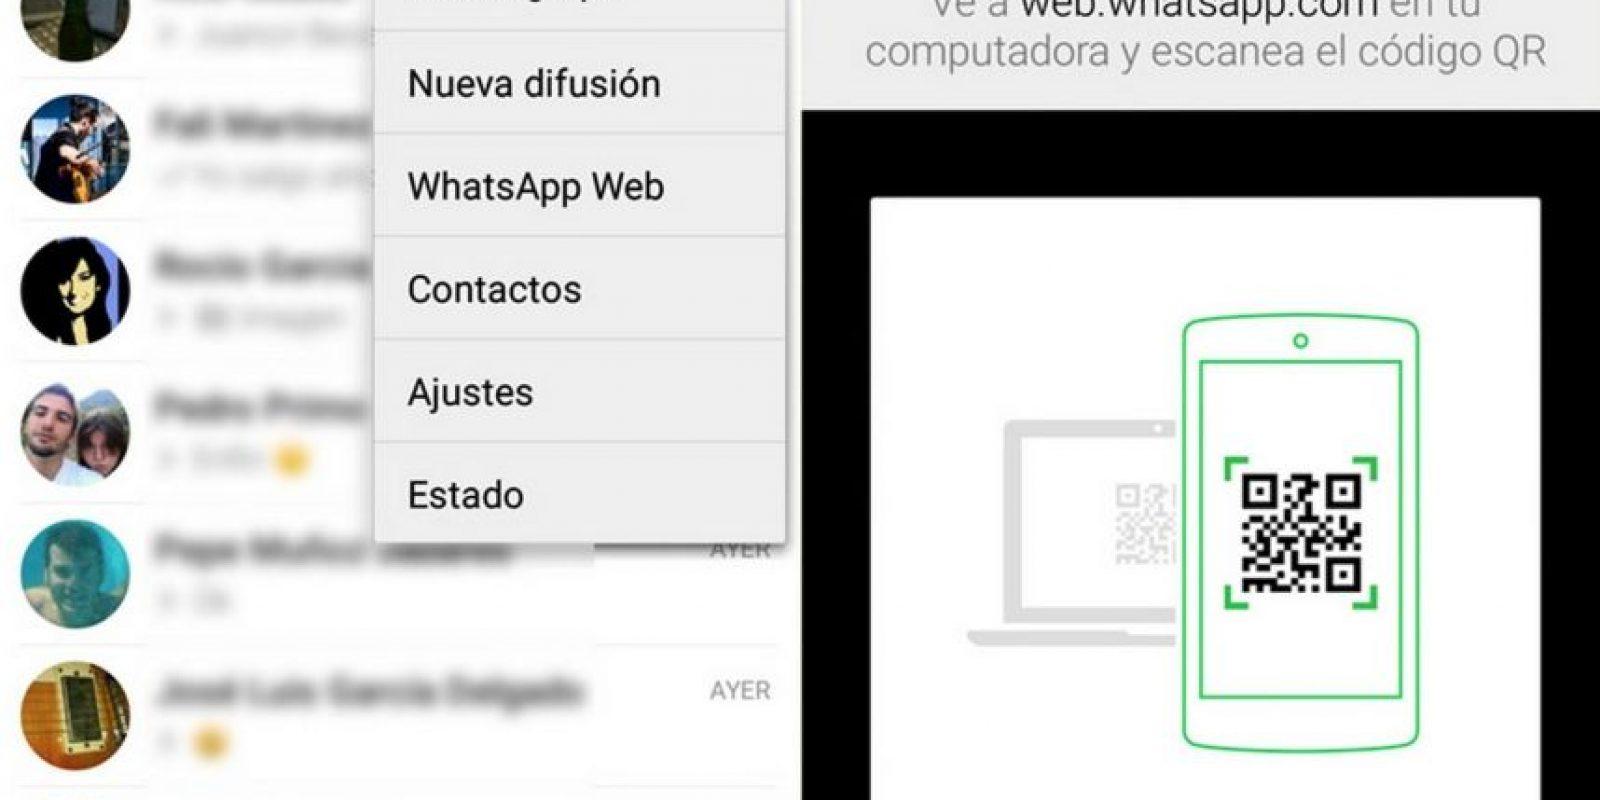 Dejar abierta su sesión de WhatsApp Web. Foto:Tumblr